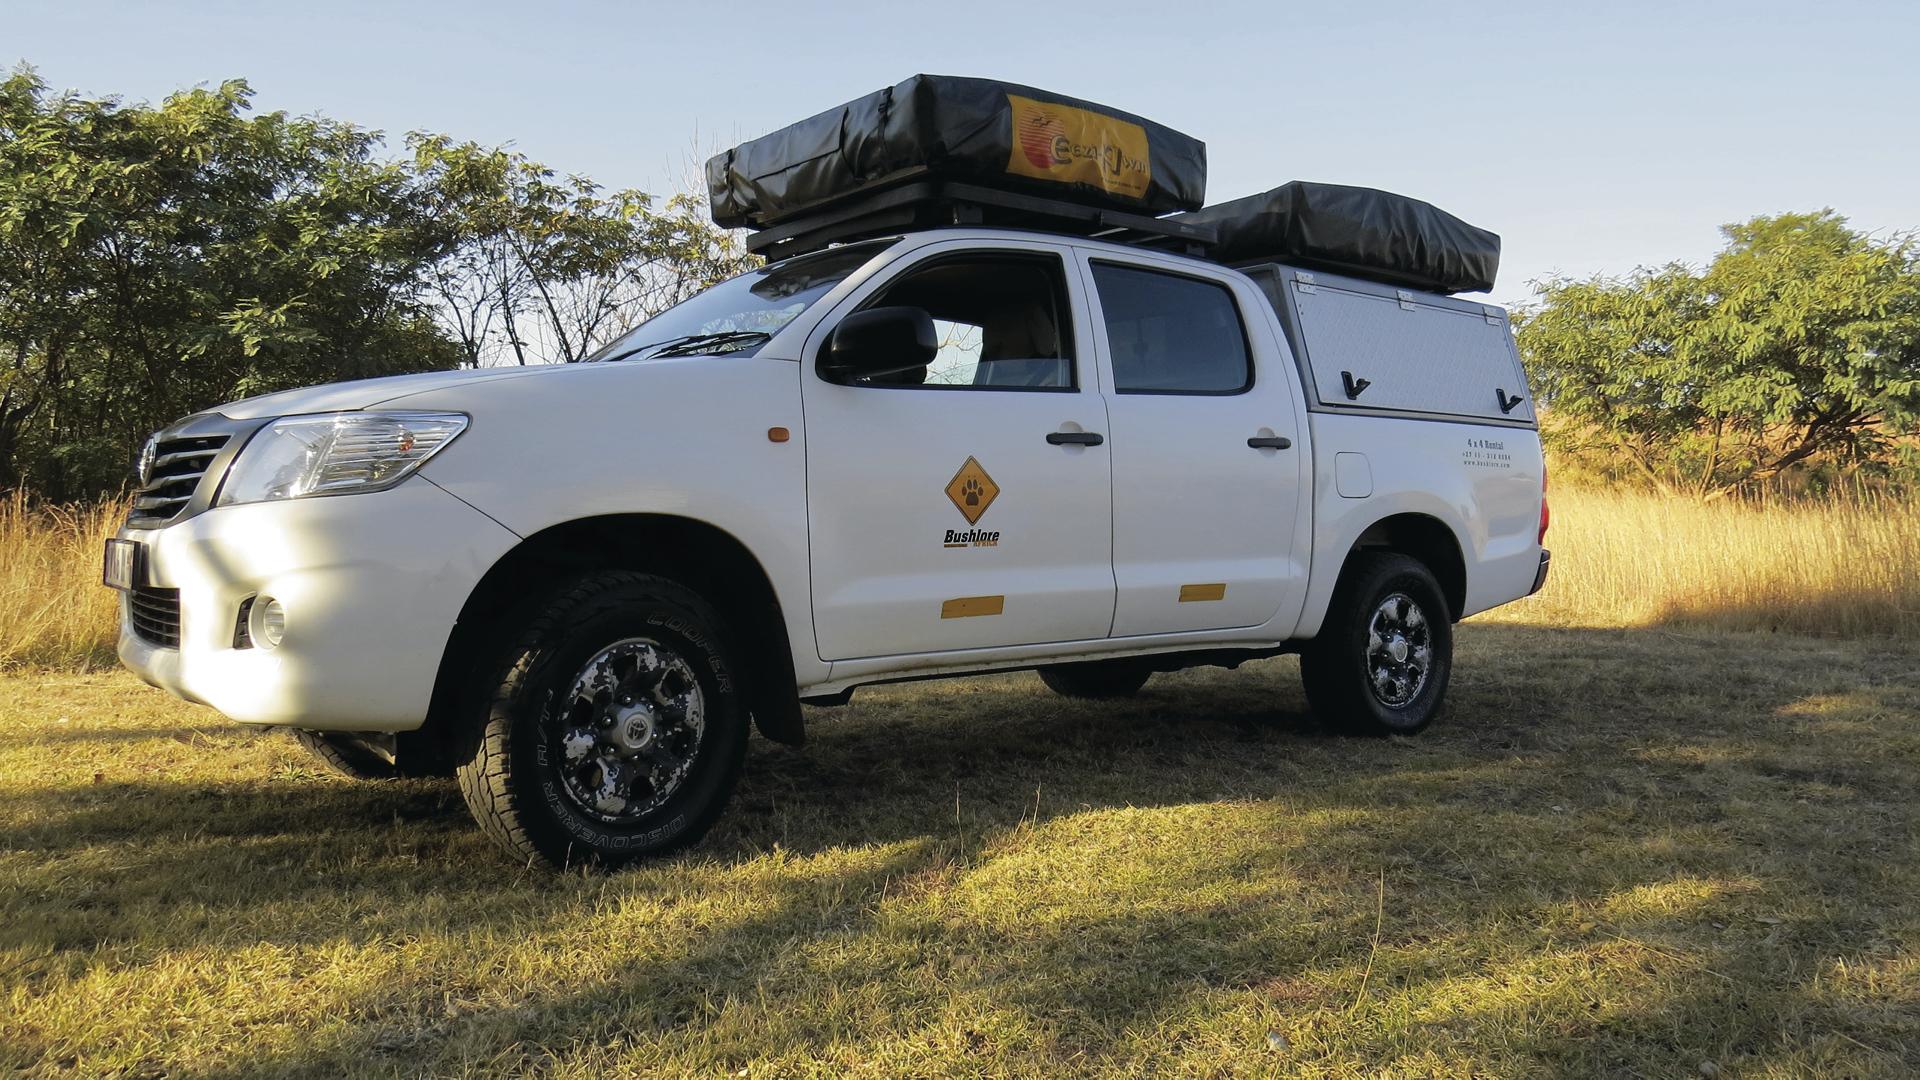 Toyota Hilux 4x4 Camper (HilC4)